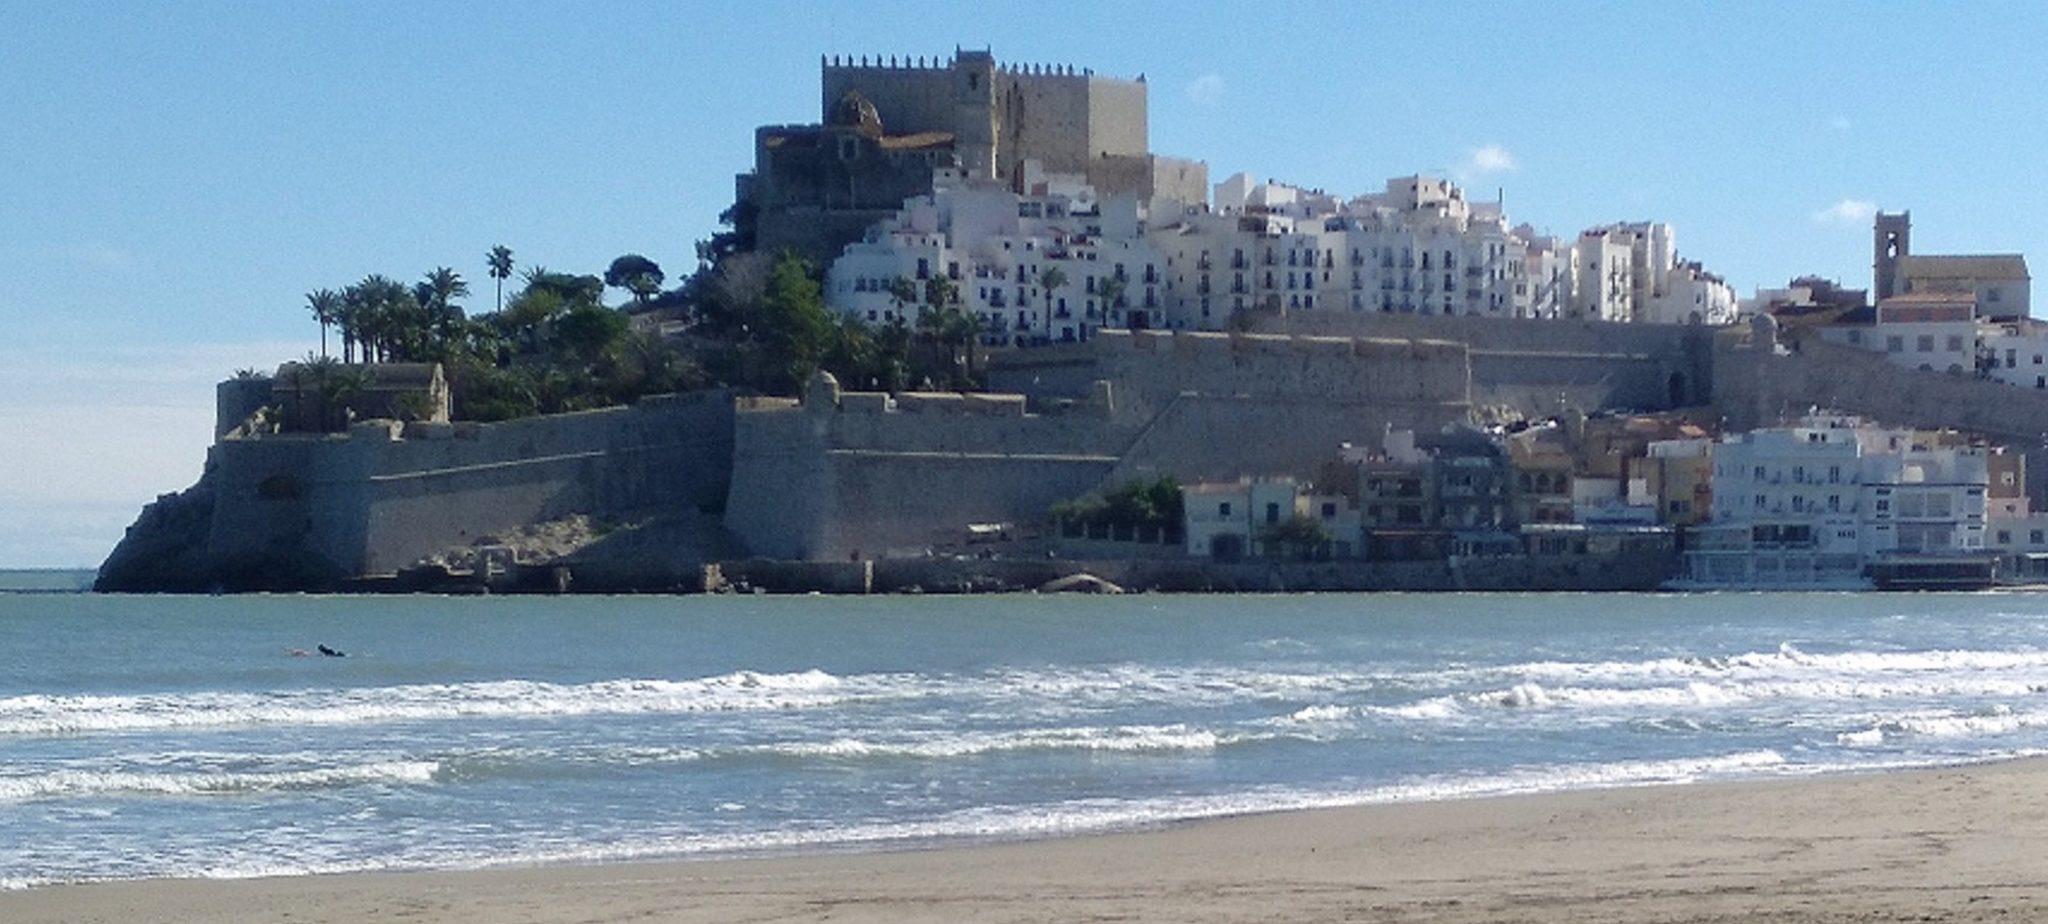 Una playa de  arena fina con su castillo medieval